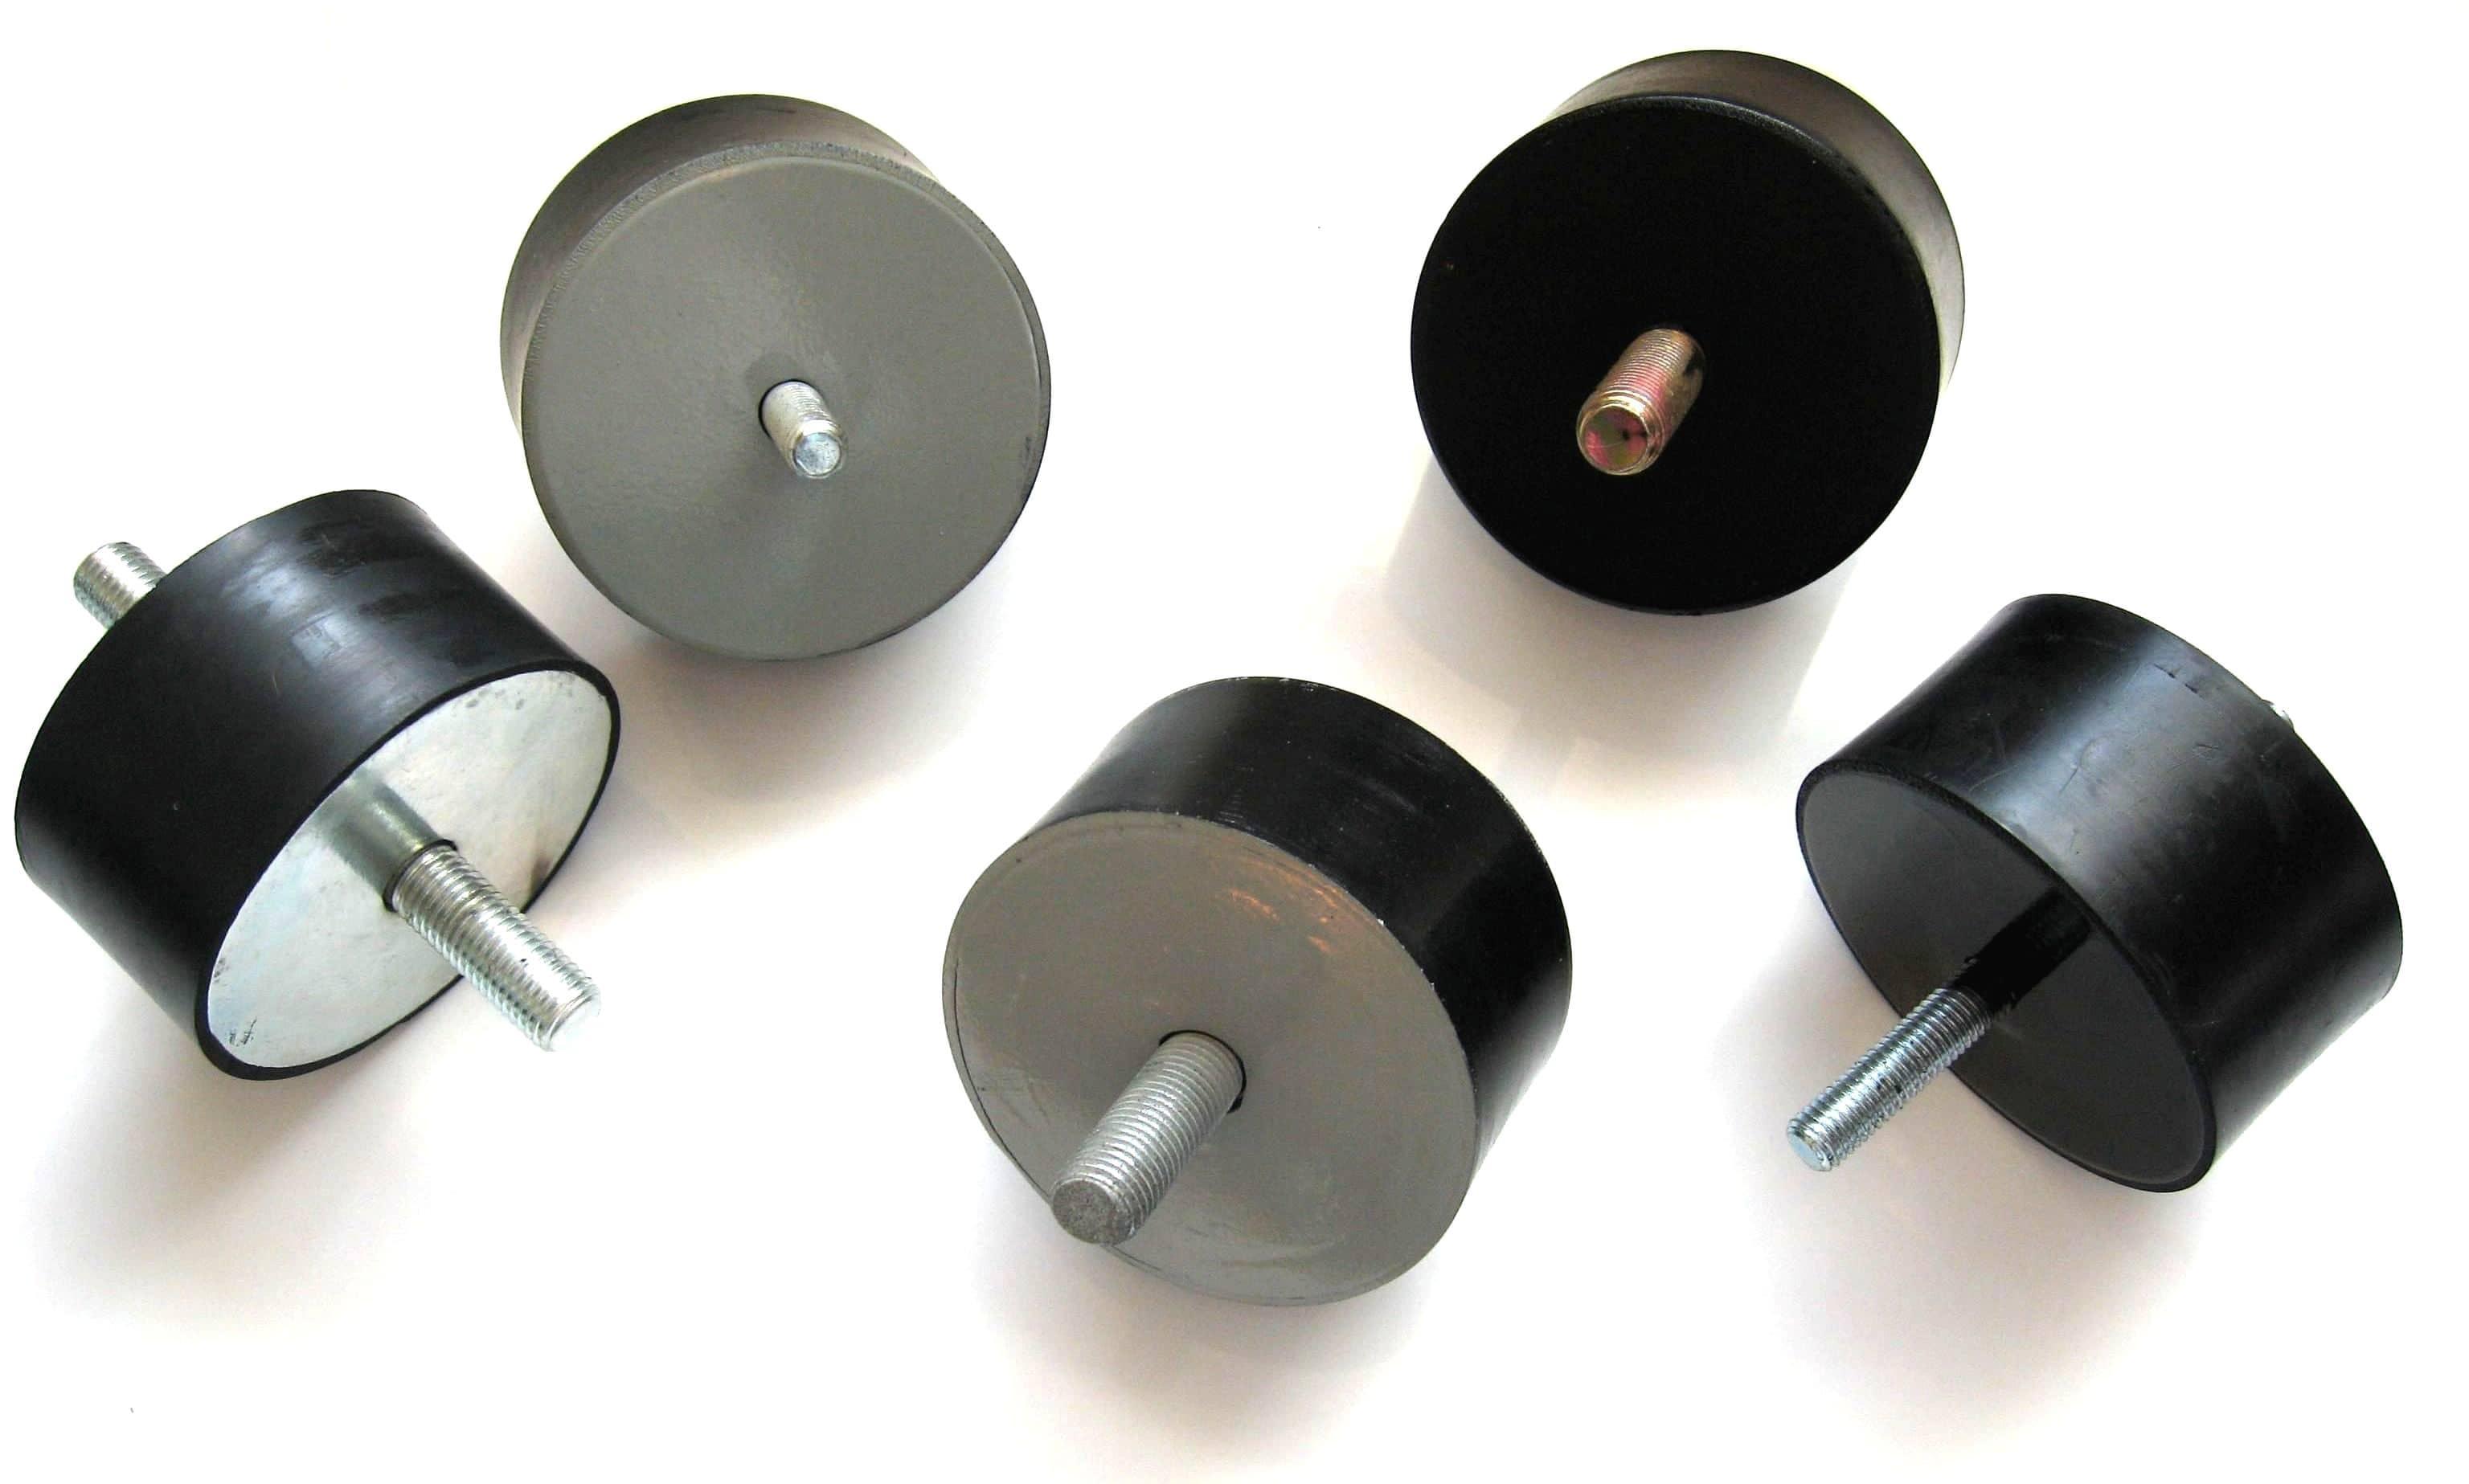 2. wibroizolator gumowo-metalowy walcowy fi 100 h 50 mm , amortyzator, poduszka gumowa cylindryczna wibroizolacyjna